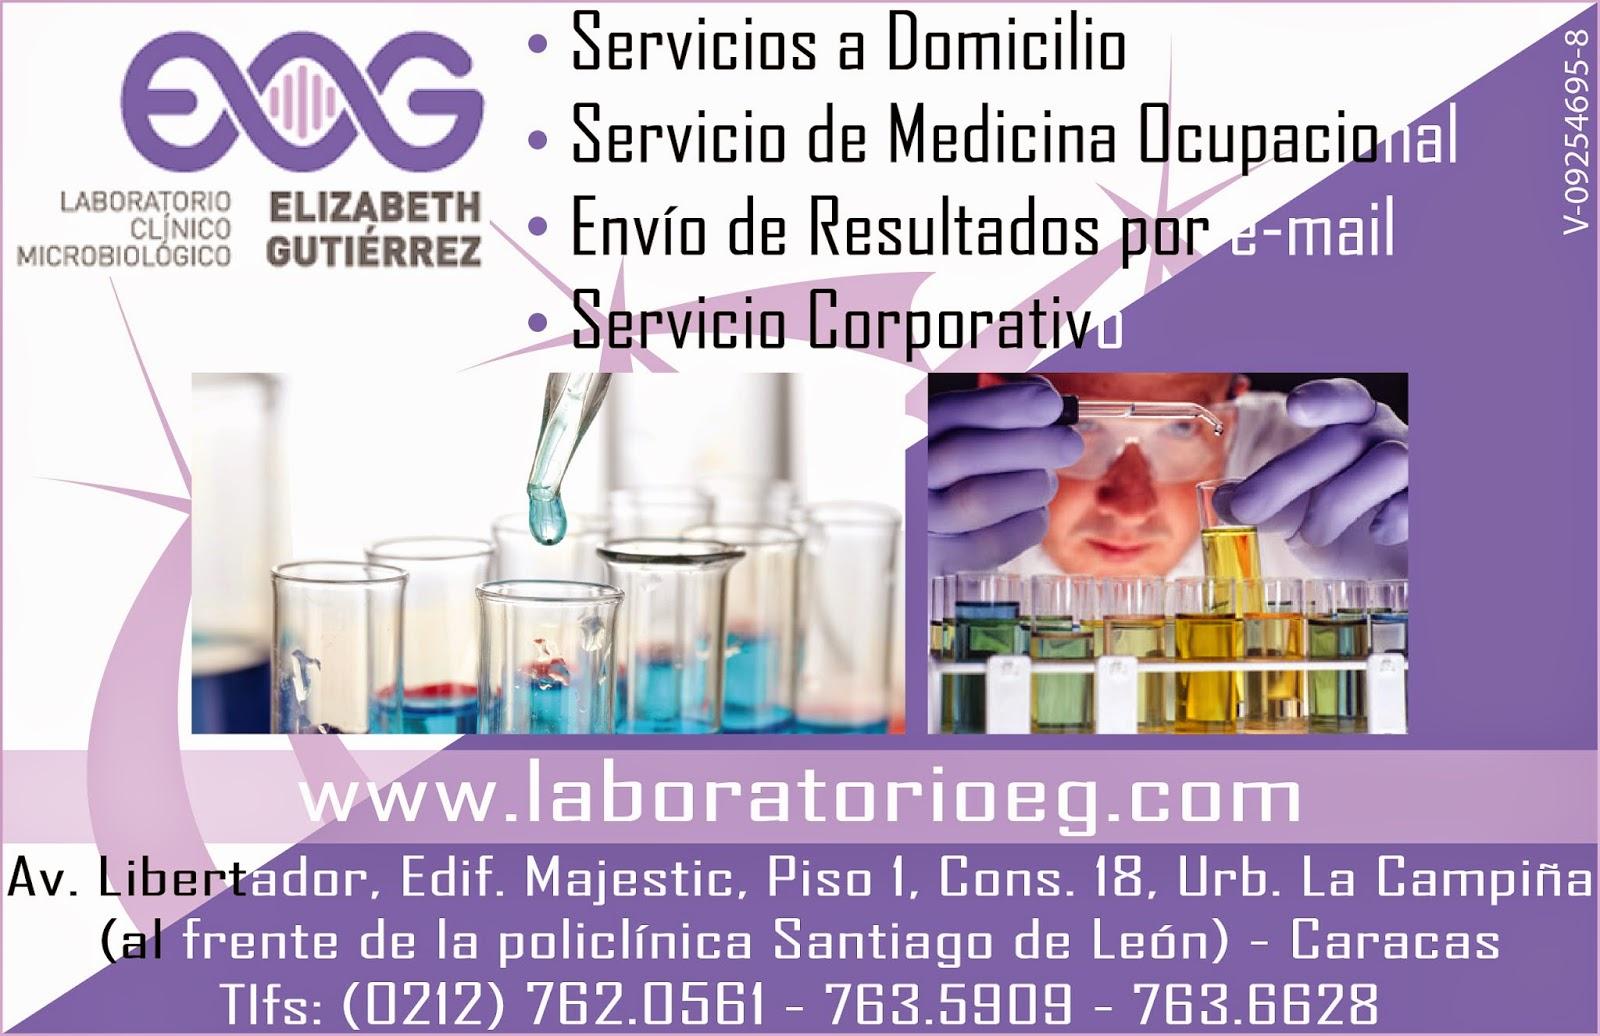 LABORATORIO CLINICO MICROBIOLOGICO ELIZABETH GUITIERREZ en Paginas Amarillas tu guia Comercial